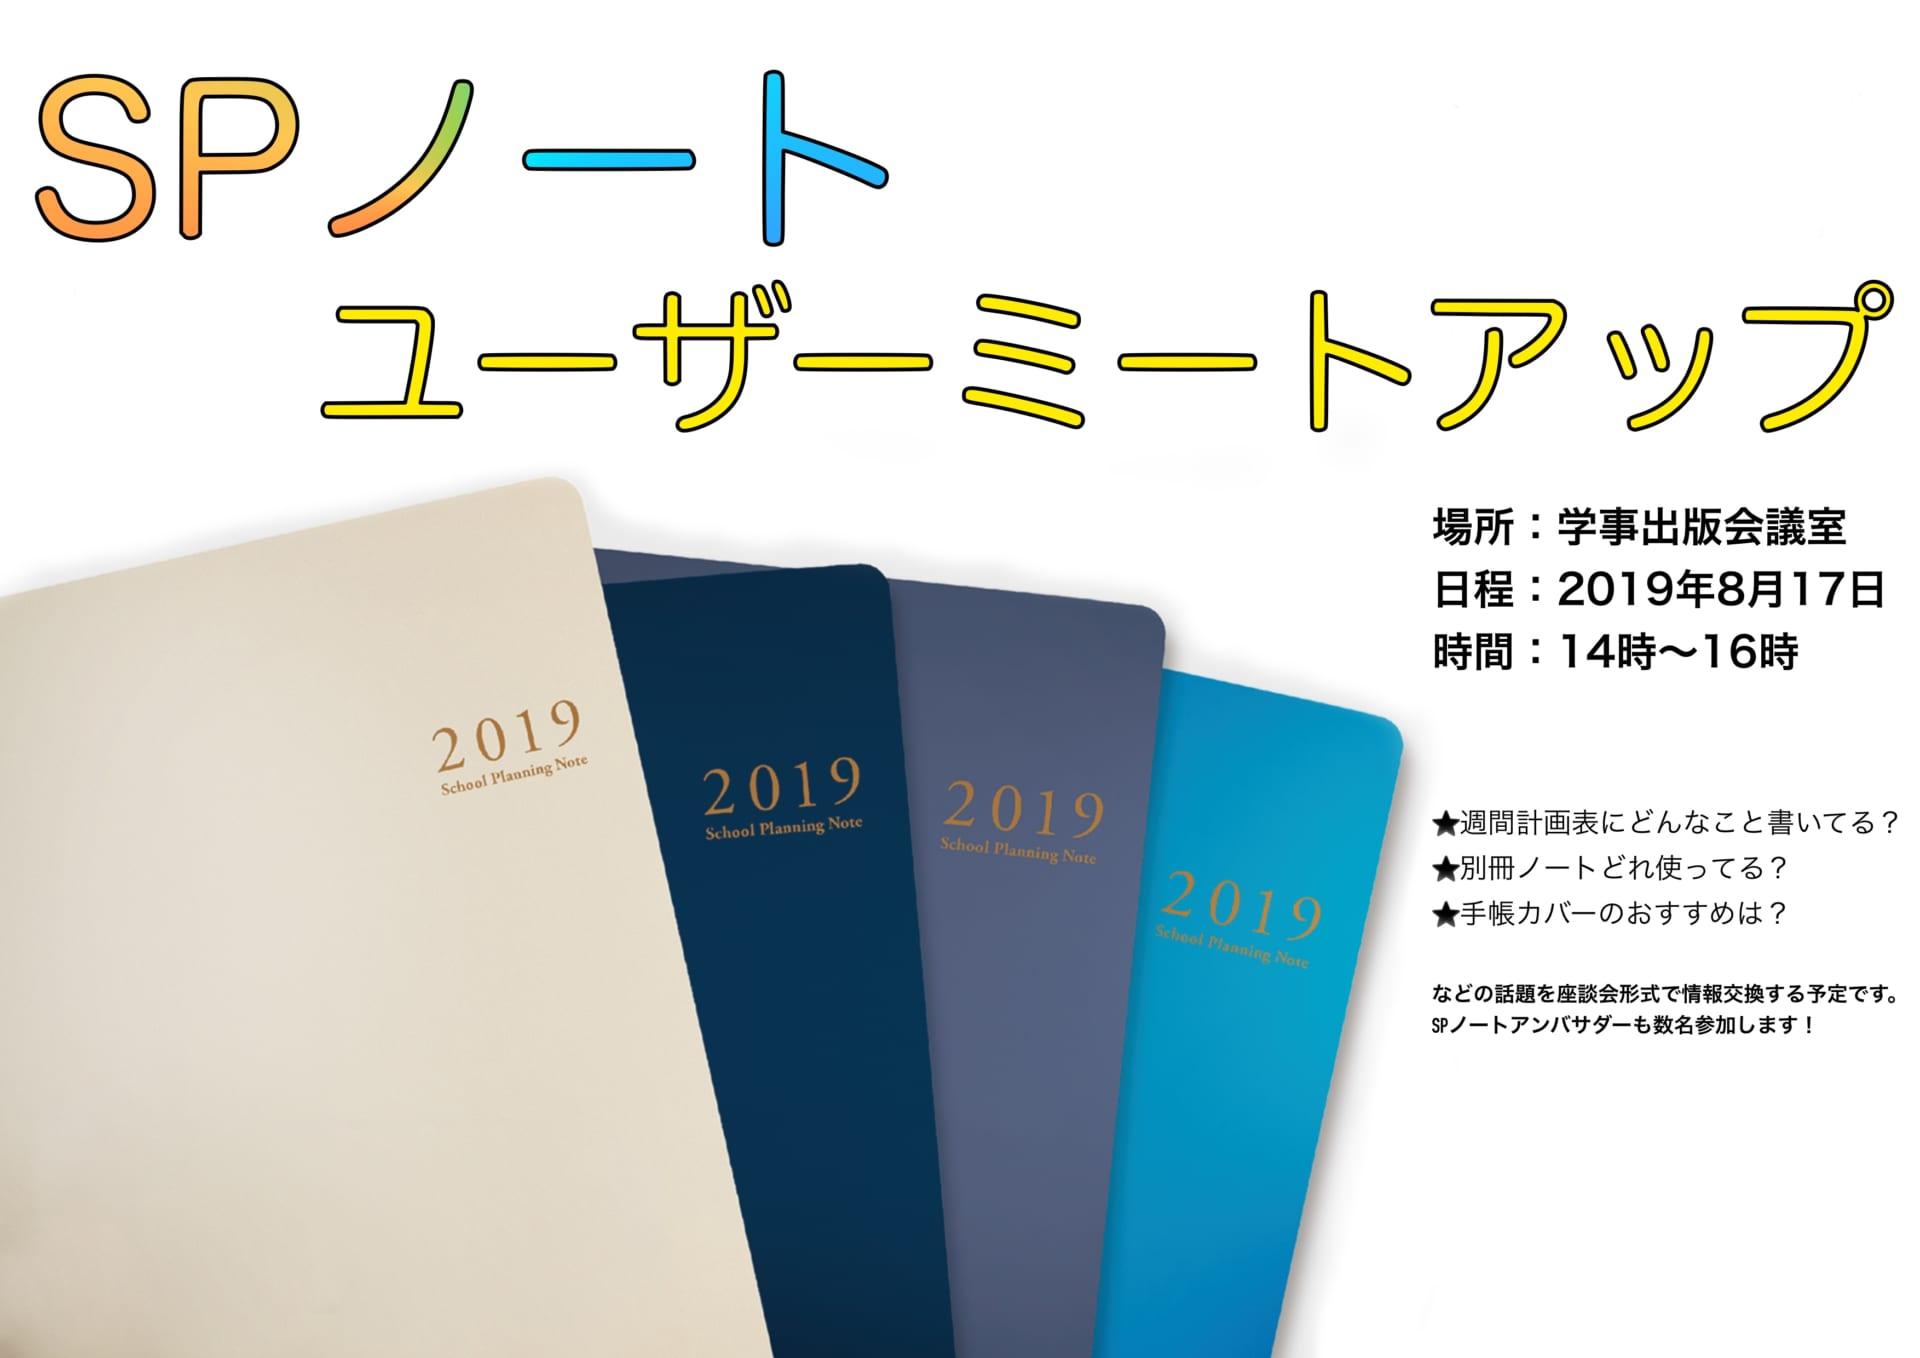 8月17日に東京で開催するスクールプランニングノートミートアップの告知です